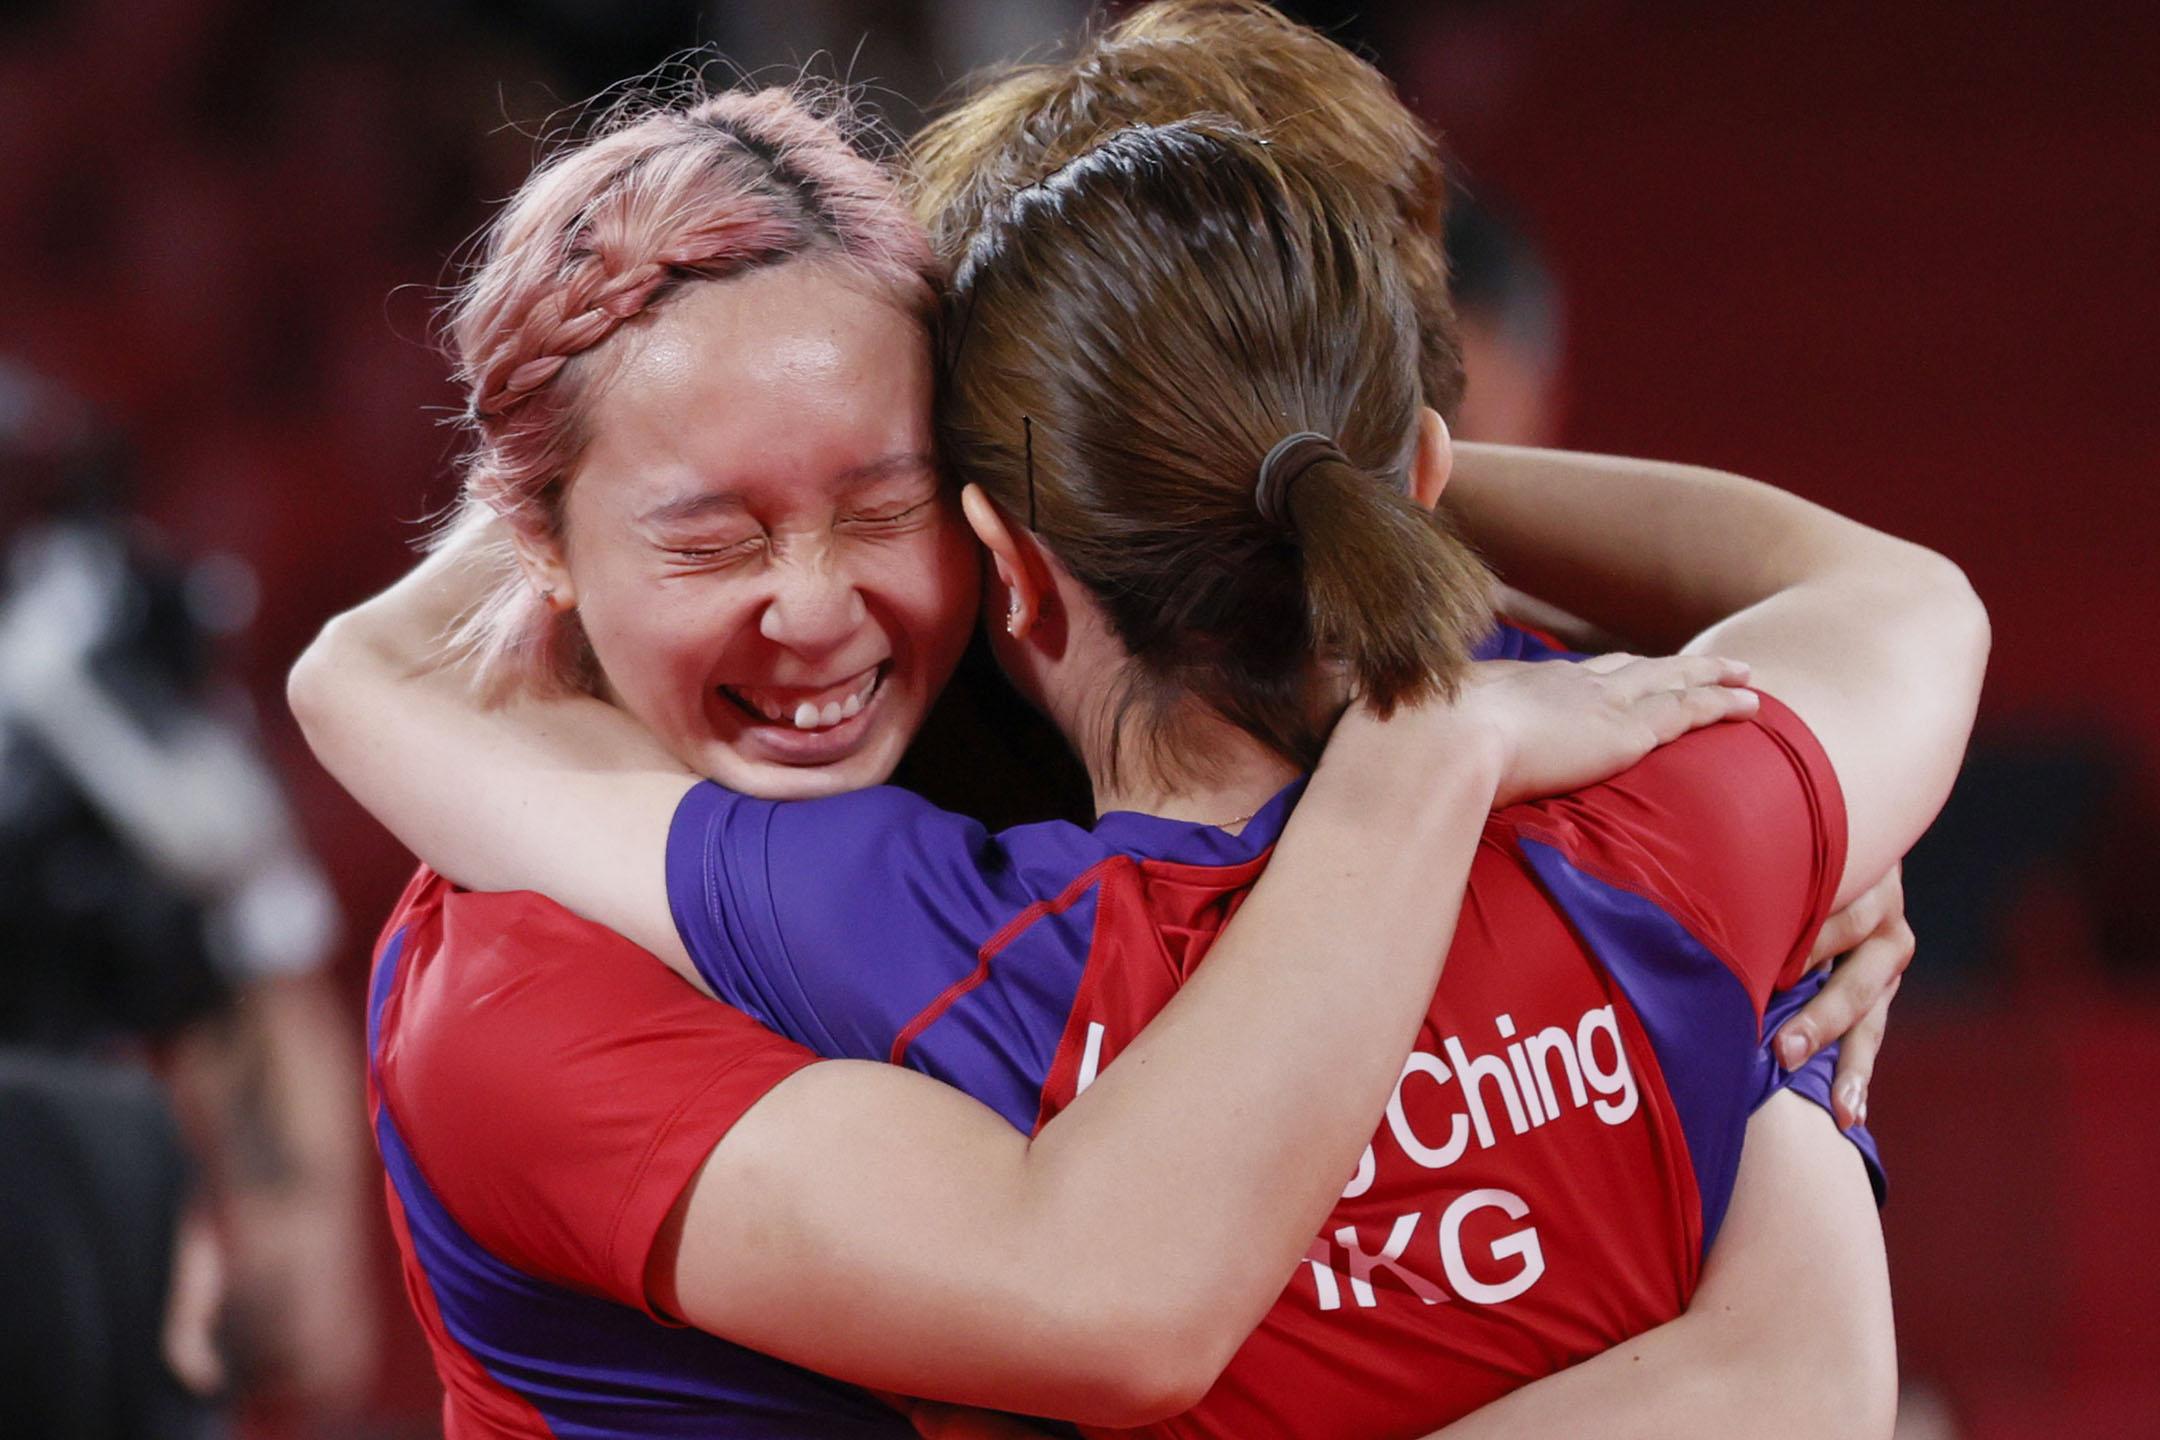 2021年8月5日日本東京,香港隊的蘇慧音(左)在乒乓球女子團體銅牌比賽中獲勝後被隊友擁抱。